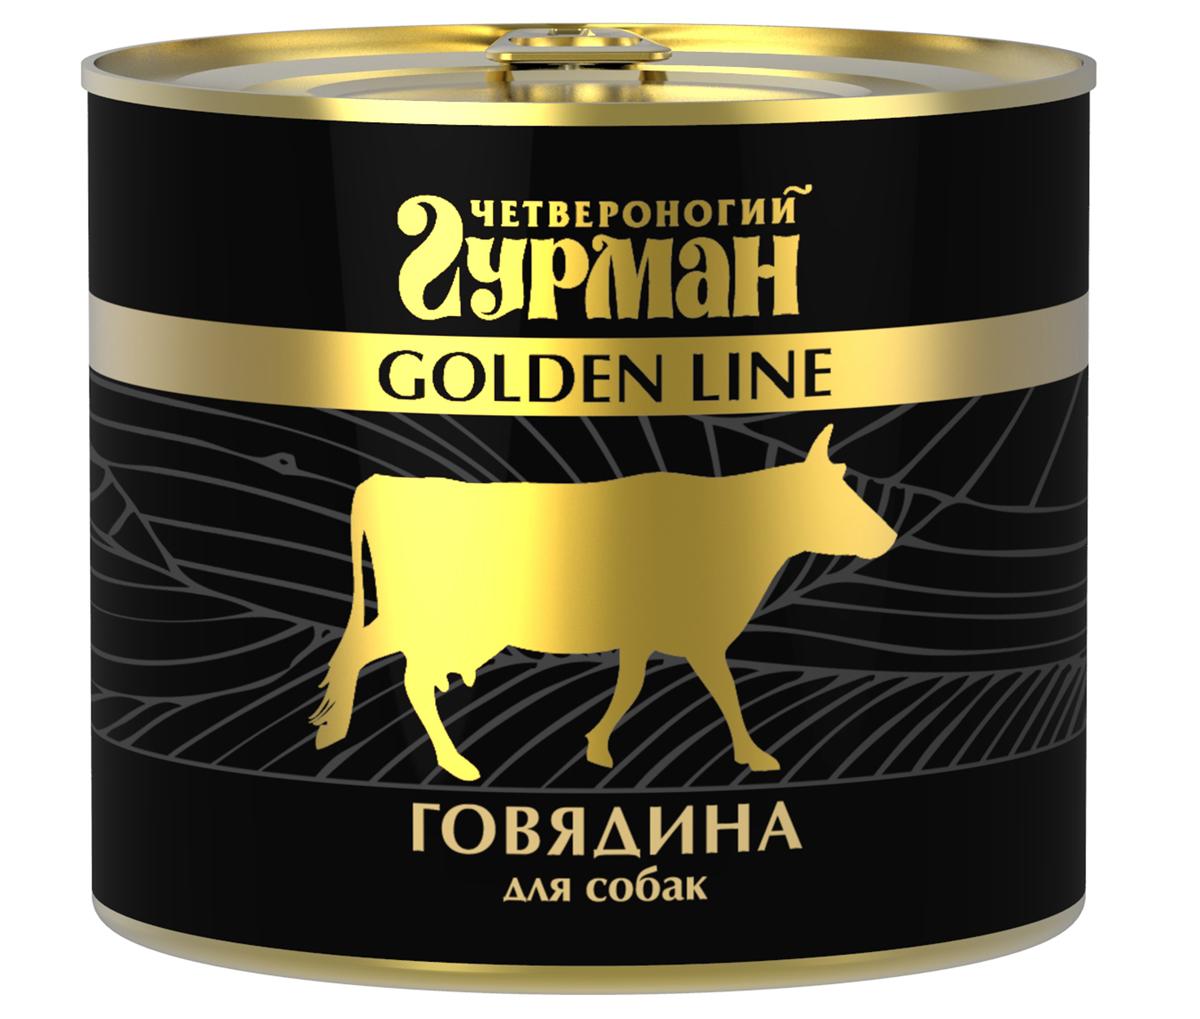 Консервы для собак Четвероногий гурман Golden Line, говядина натуральная в желе, 500 г0120710Консервы для собак Четвероногий Гурман Golden Line - это влажный мясной корм в виде кусочков суперпремиум класса. В составе только один вид мяса стандарта Human grade, то есть пригодный в пищу человеку. Консервы содержат 0,5% натуральной желирующей добавки для профилактики образования жидкости в банке. Не содержат сои, консервантов, усилителей вкуса и генномодифицированных продуктов. Монобелковый корм идеально подходит для собак, страдающих аллергией на один из вида белков. Консервы готовятся из нежирных частей говяжьей туши, таких как филейный край, лопатка. Говядина содержит витамины группы B, служит источником железа, фосфора, кальция и многих других микроэлементов. За счет этого усиливаются защитные функции организма животного. Говядина является источником полноценного белка, который содержит незаменимые аминокислоты. Входящие в состав говядины коллаген и эластин полезны для прочности соединительных тканей в организме. Состав: говядина, желирующая добавка, соль, вода питьевая. Пищевая ценность (в 100 г продукта): протеин 12 г, жир 10 г, влага 82 г, клетчатка 0,5 г, сырая зола 2 г, соль 0,3 г. Минеральные вещества (в 100 г продукта): общий фосфор 0,4 г, кальций 0,3 г. Энергетическая ценность (на 100 г): 155 ккал. Товар сертифицирован.